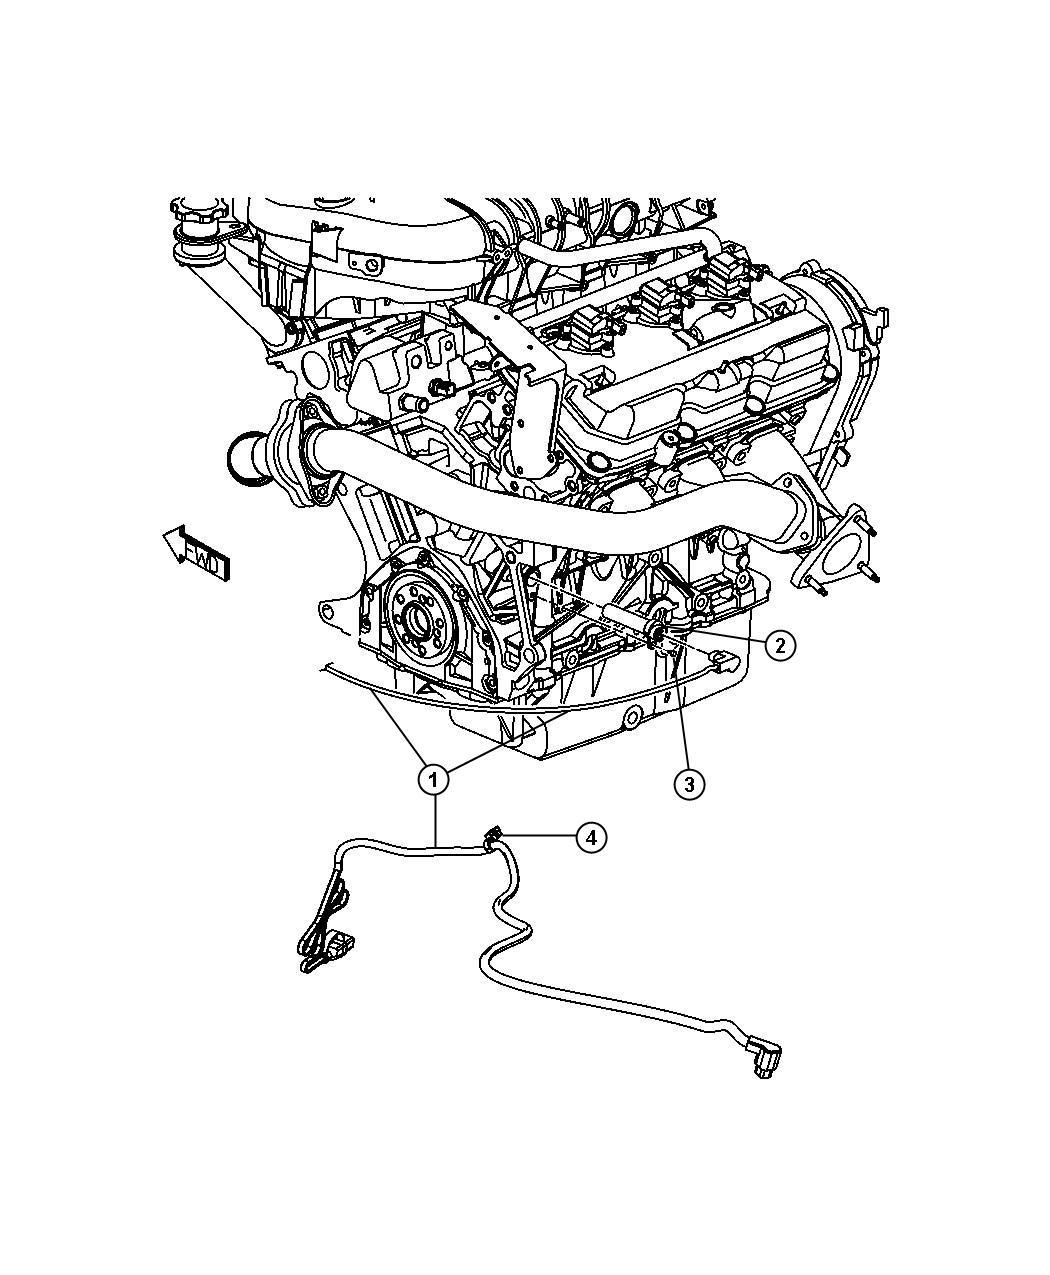 Oem Dodge Caravan Parts Online Factory Chrysler Parts